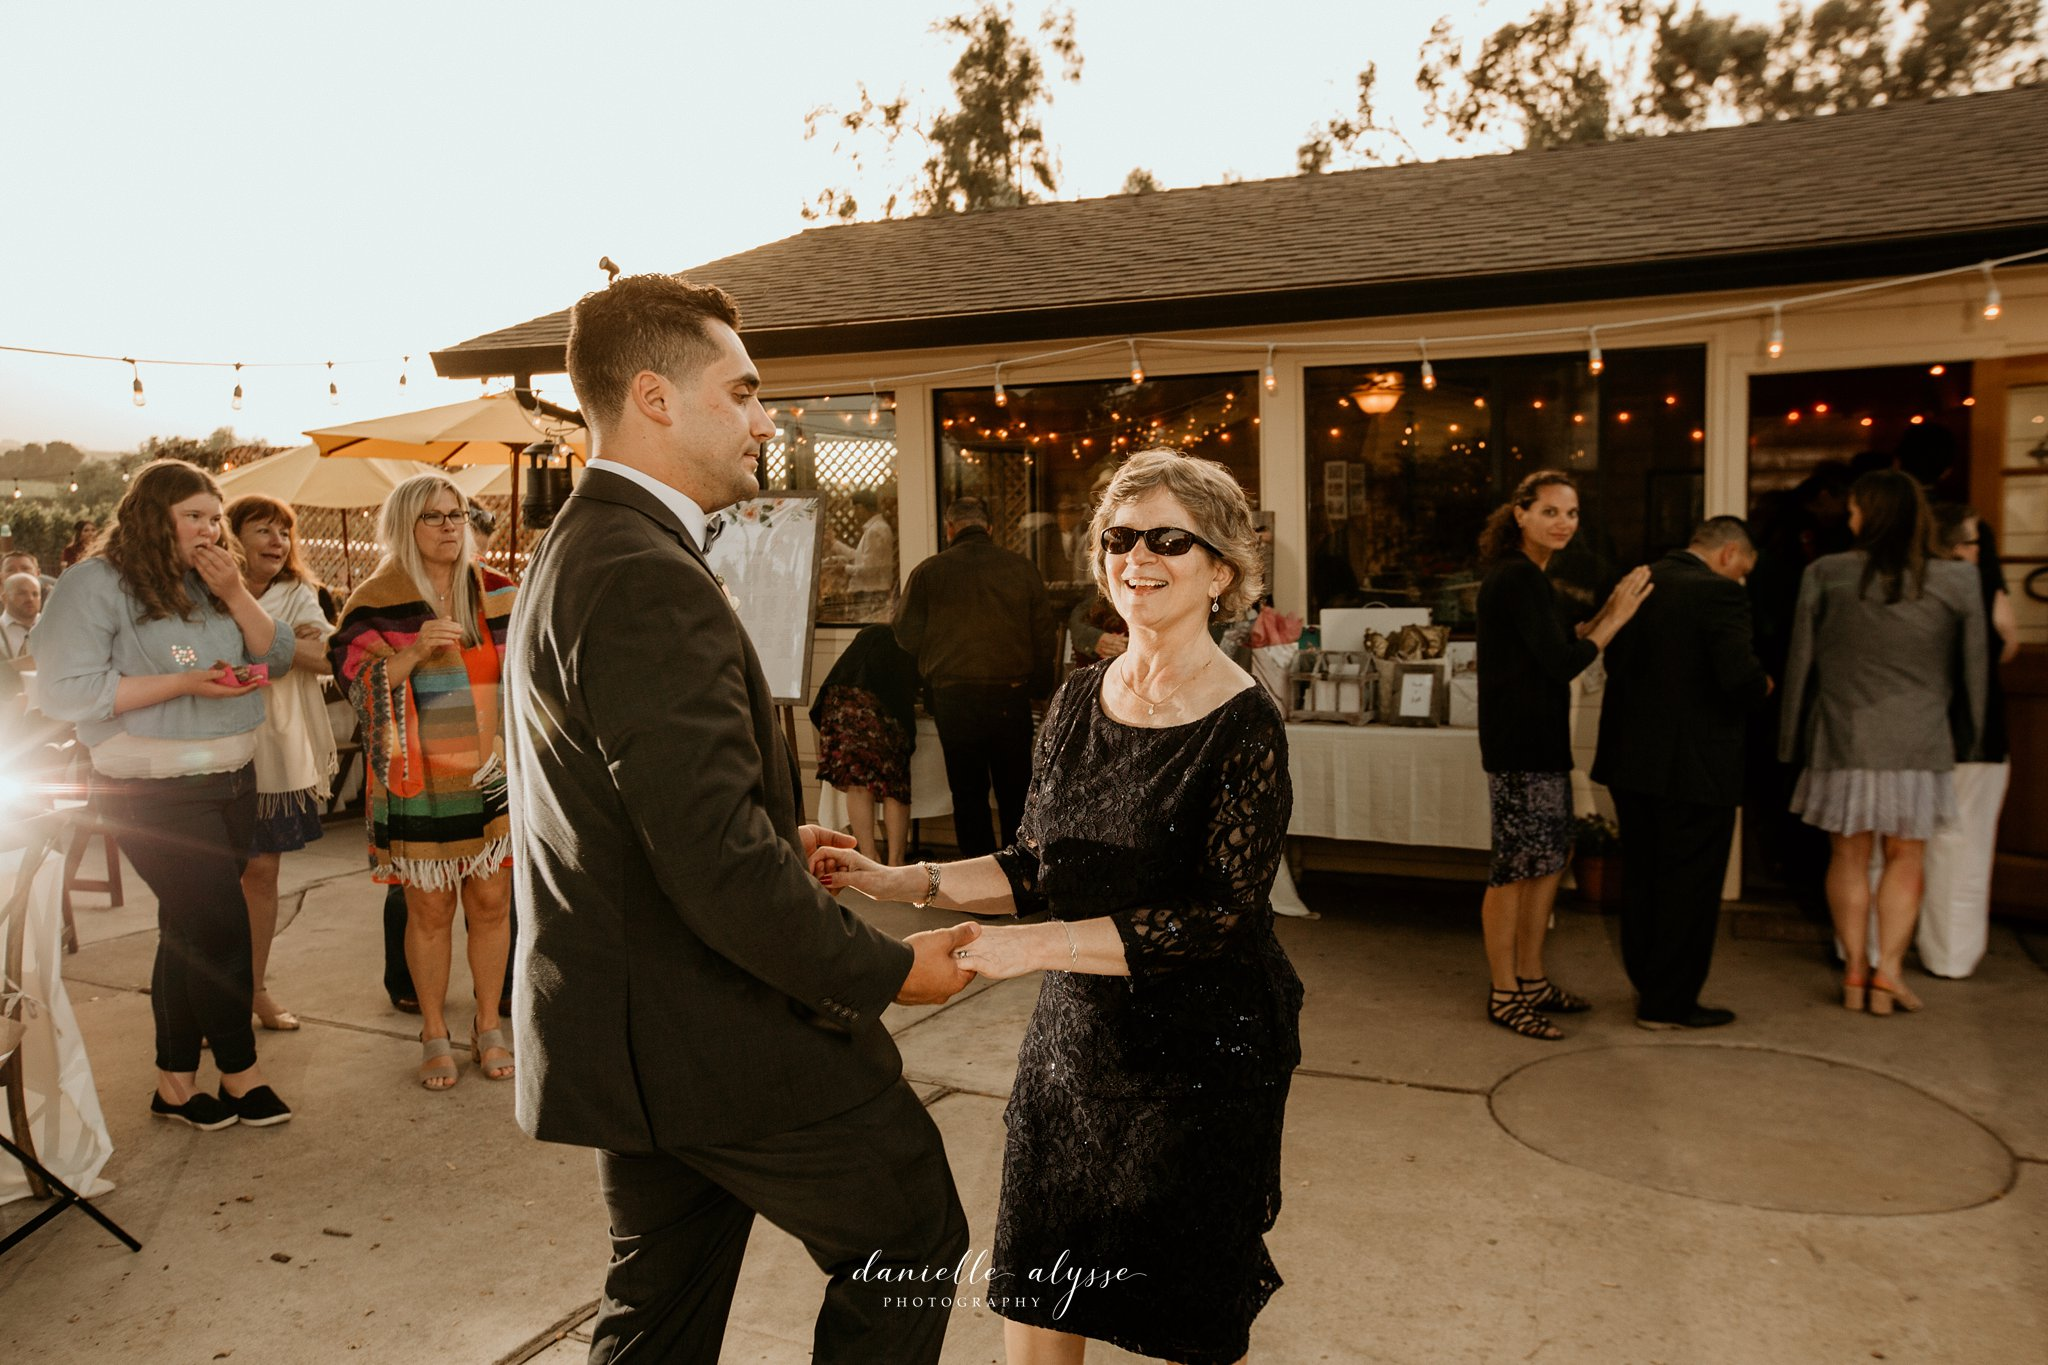 180630_wedding_lily_ryan_mission_soledad_california_danielle_alysse_photography_blog_1084_WEB.jpg